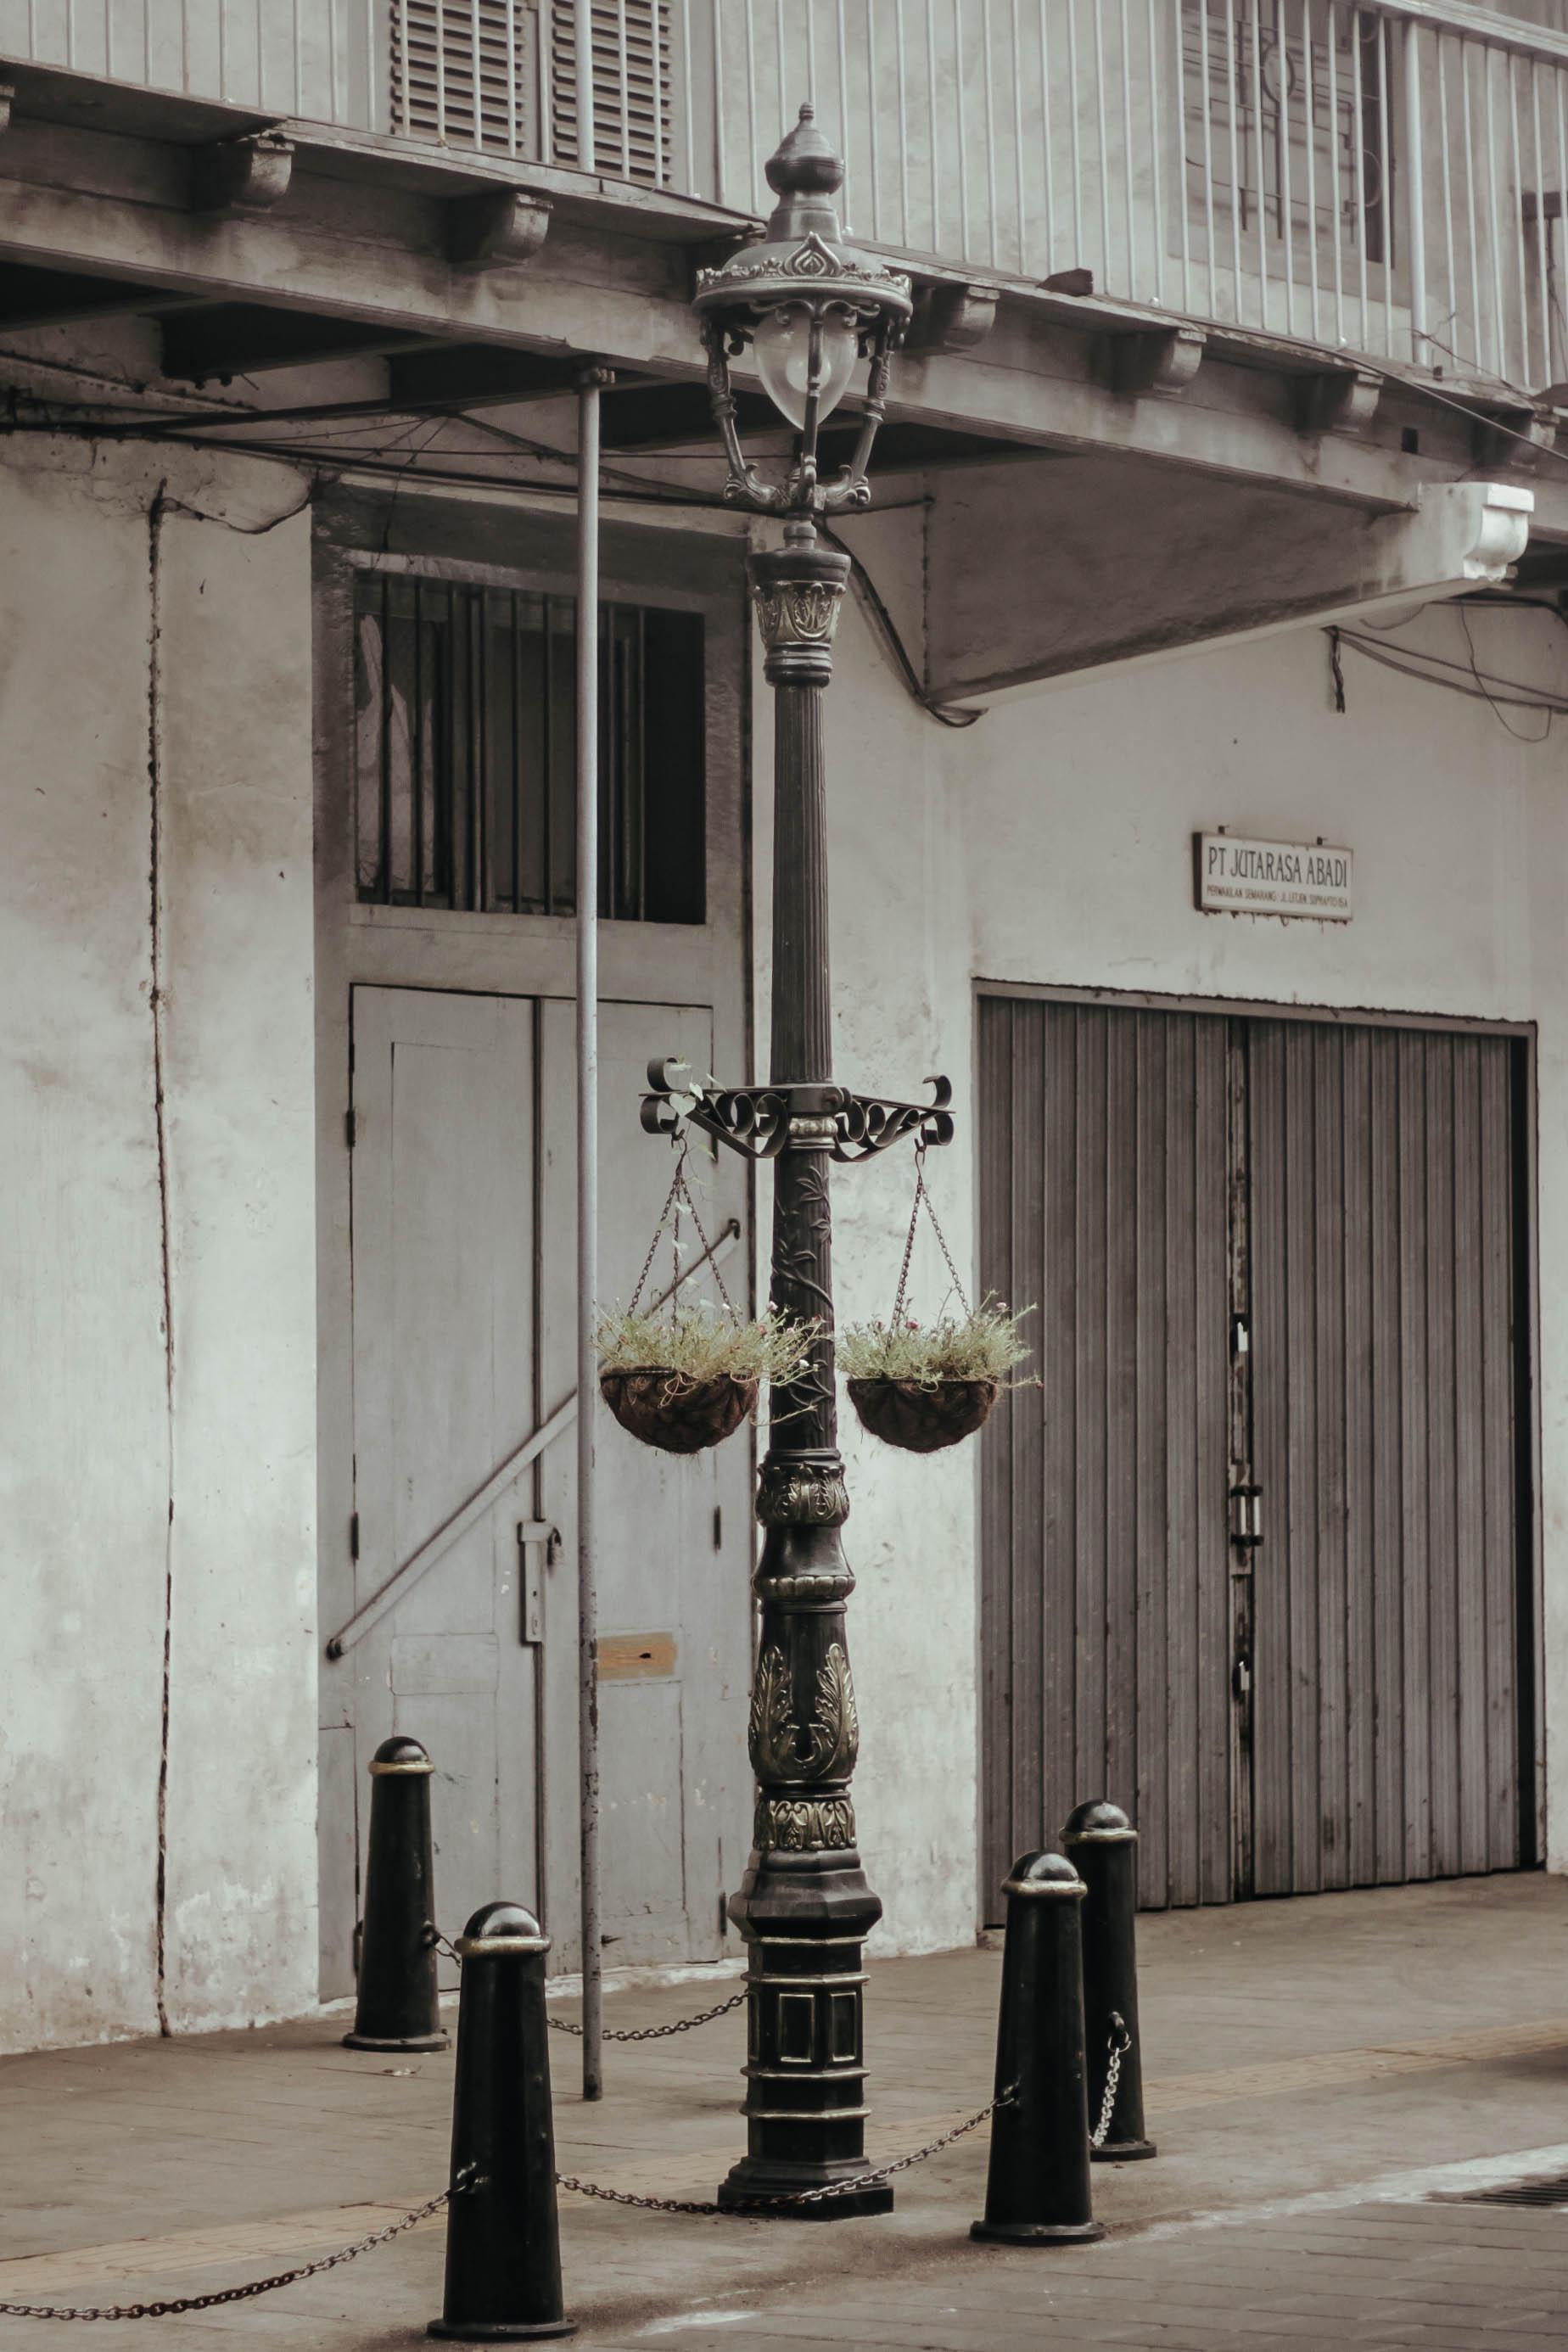 Tiang Lampu PJU Tunggal Untuk Purworejo